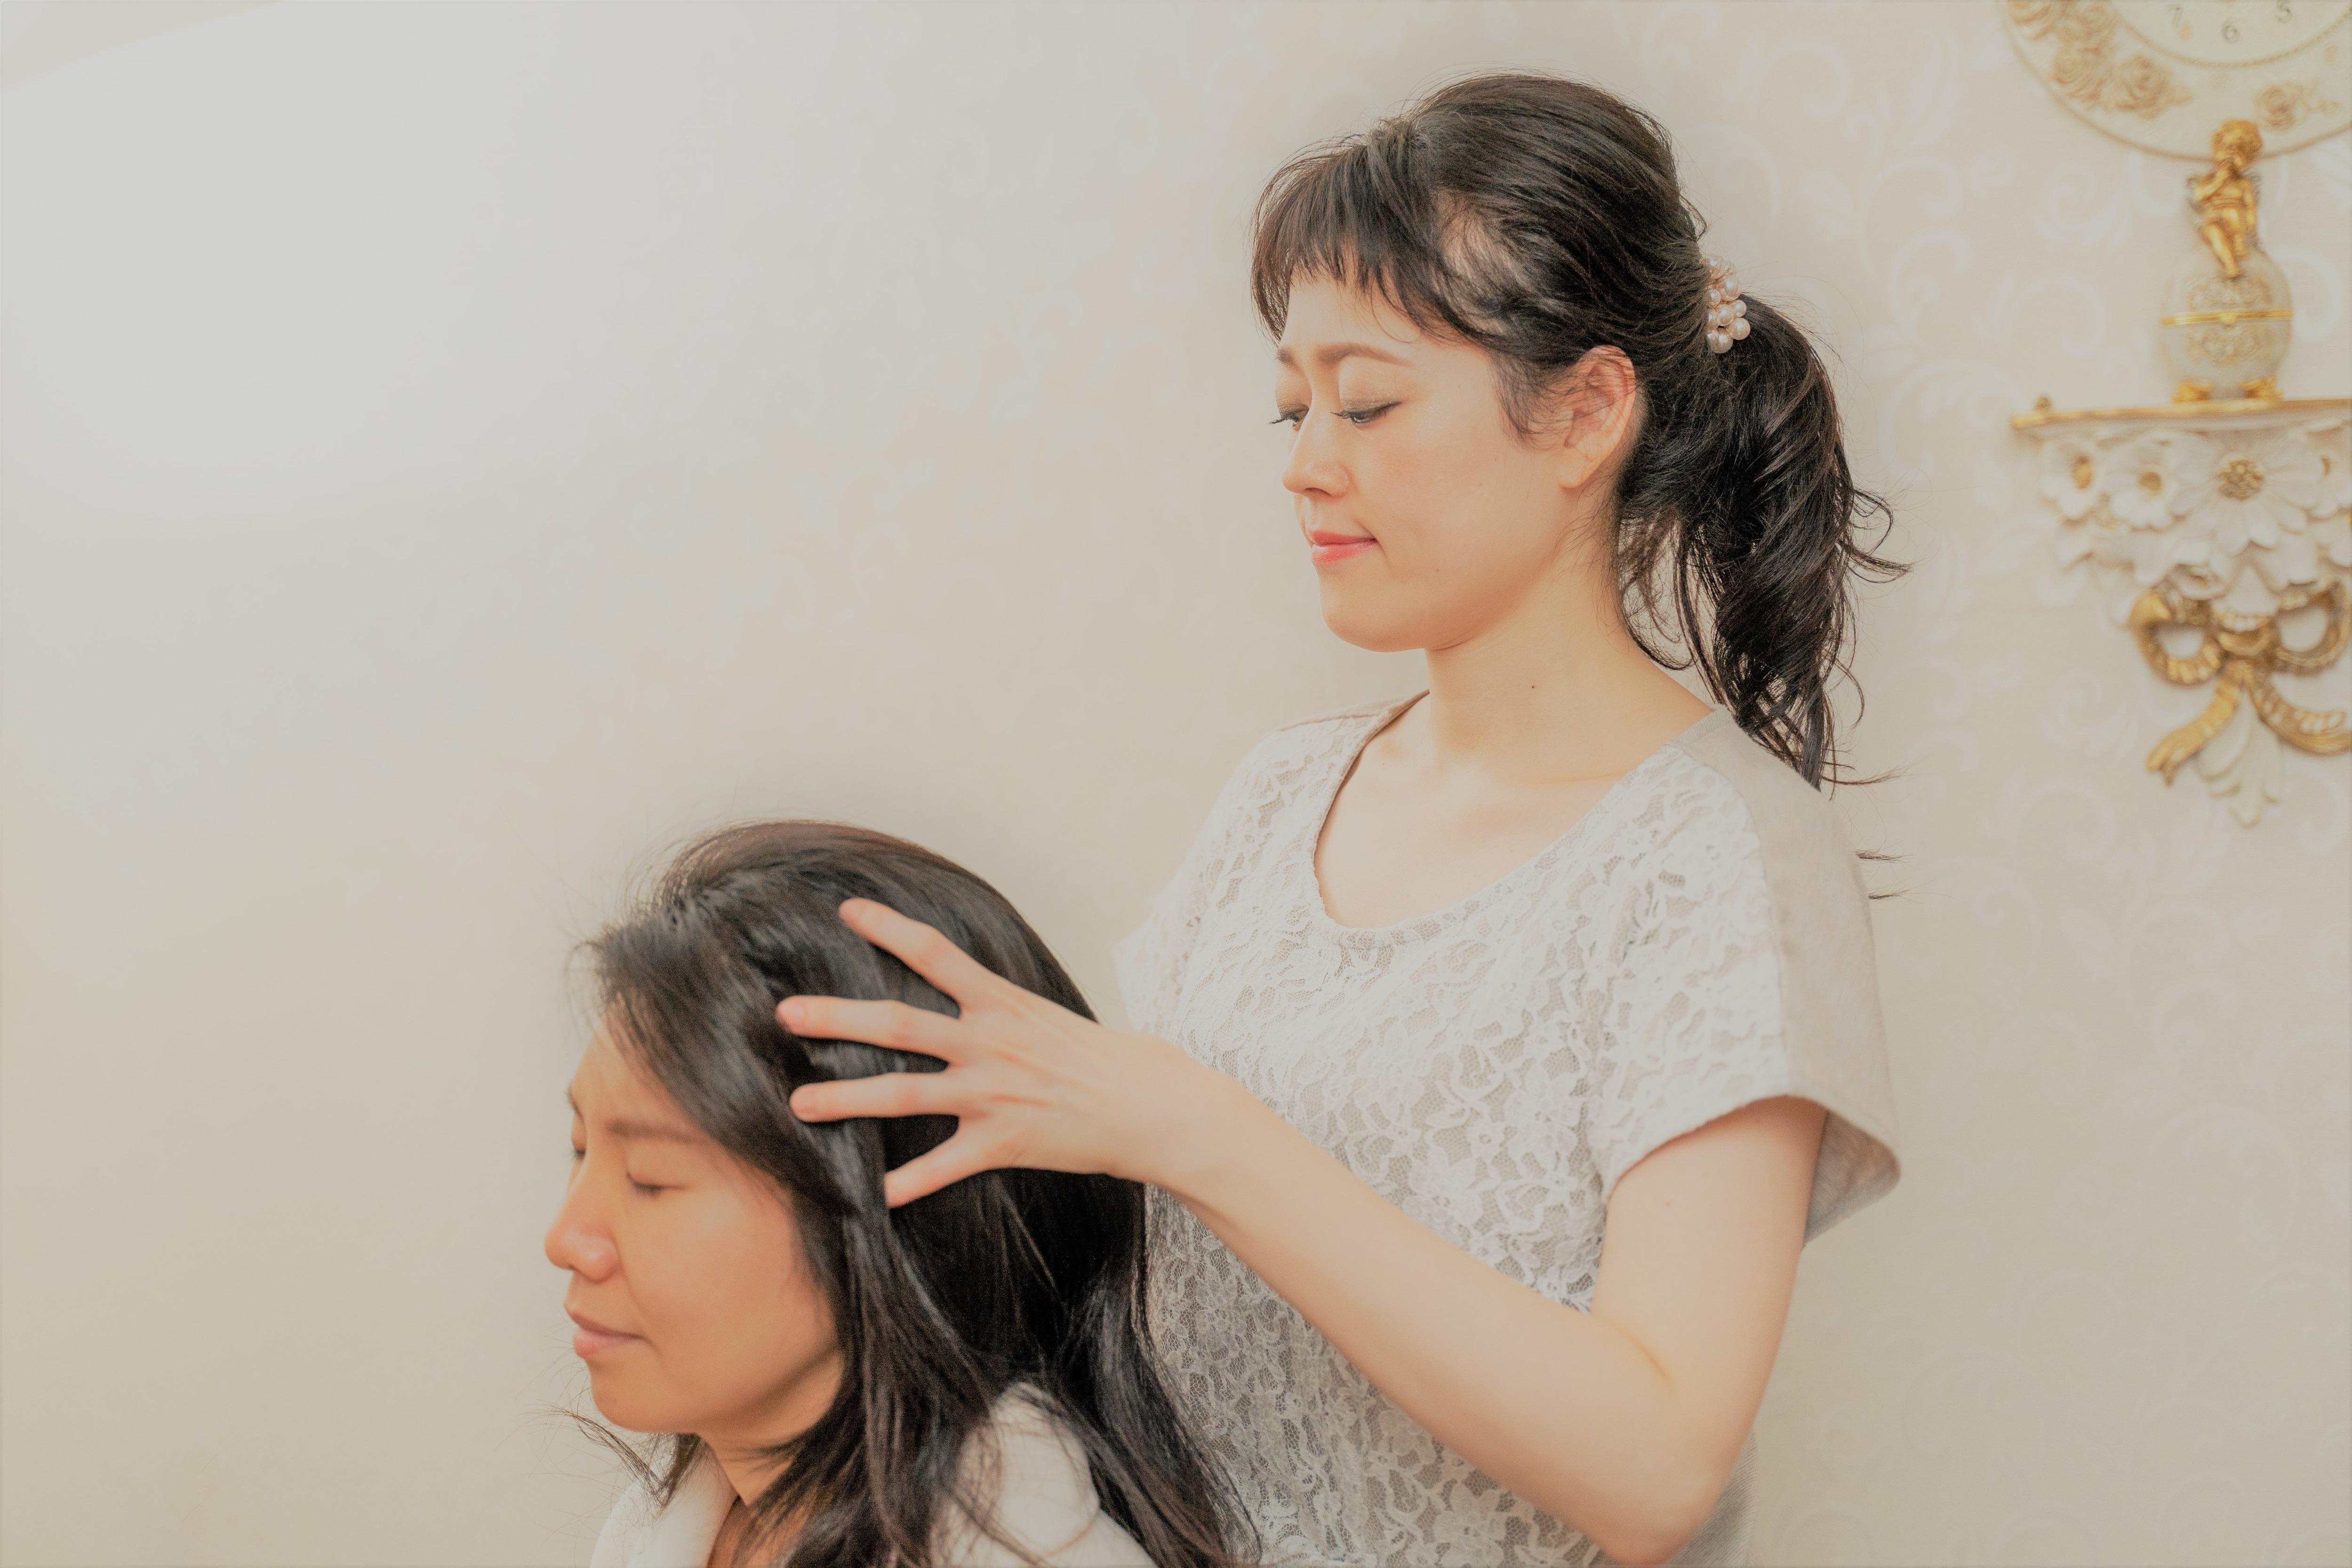 【ヘナ】ツヤ髪&ふわ髪&デトックス💜肩甲骨までのロング(Ⅰ)のイメージその2